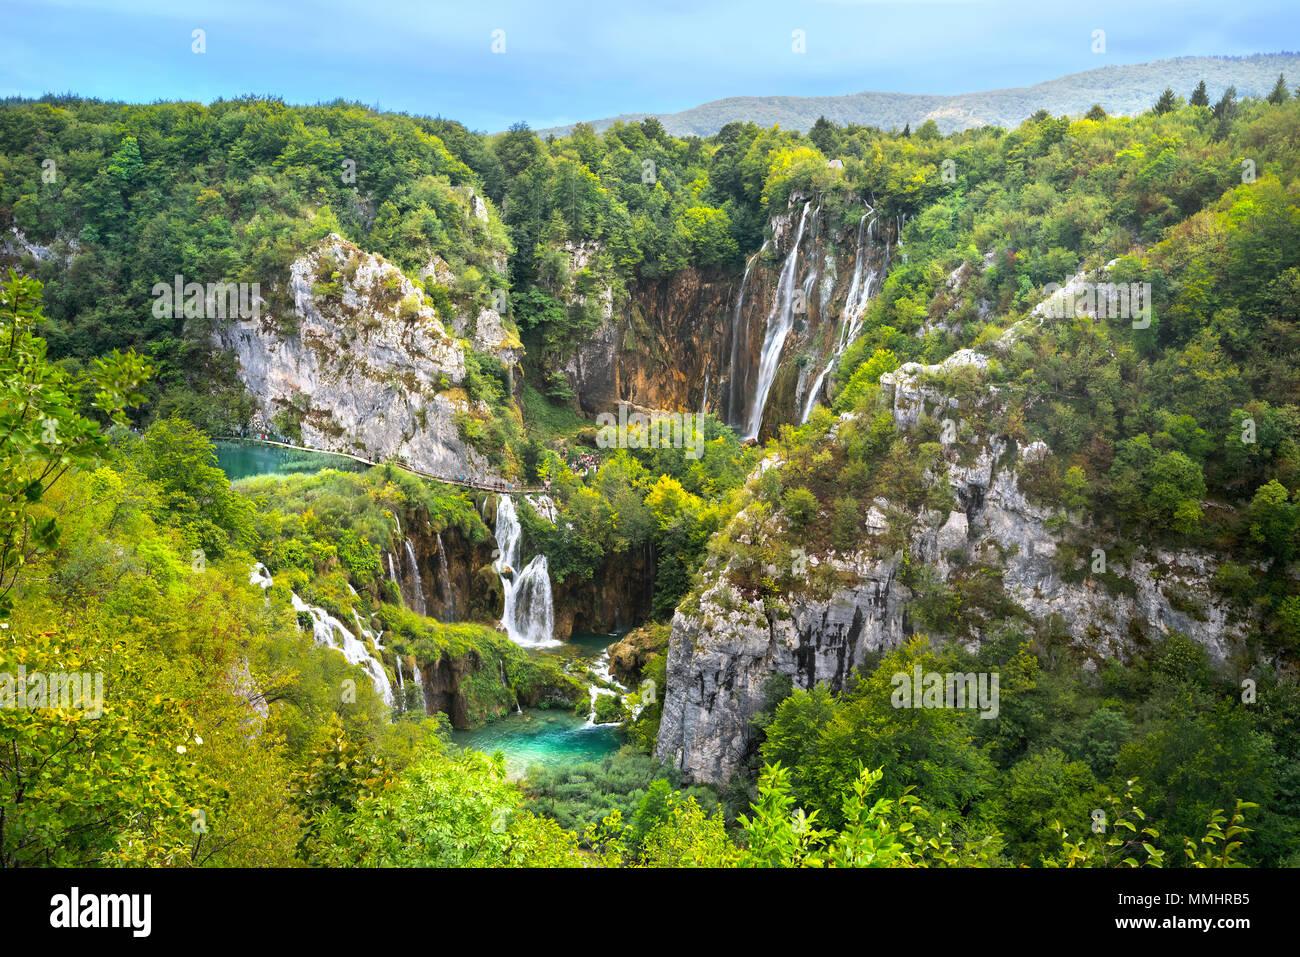 Paisaje con hermosas cascadas en el Parque Nacional de Los Lagos de Plitvice. Croacia Imagen De Stock